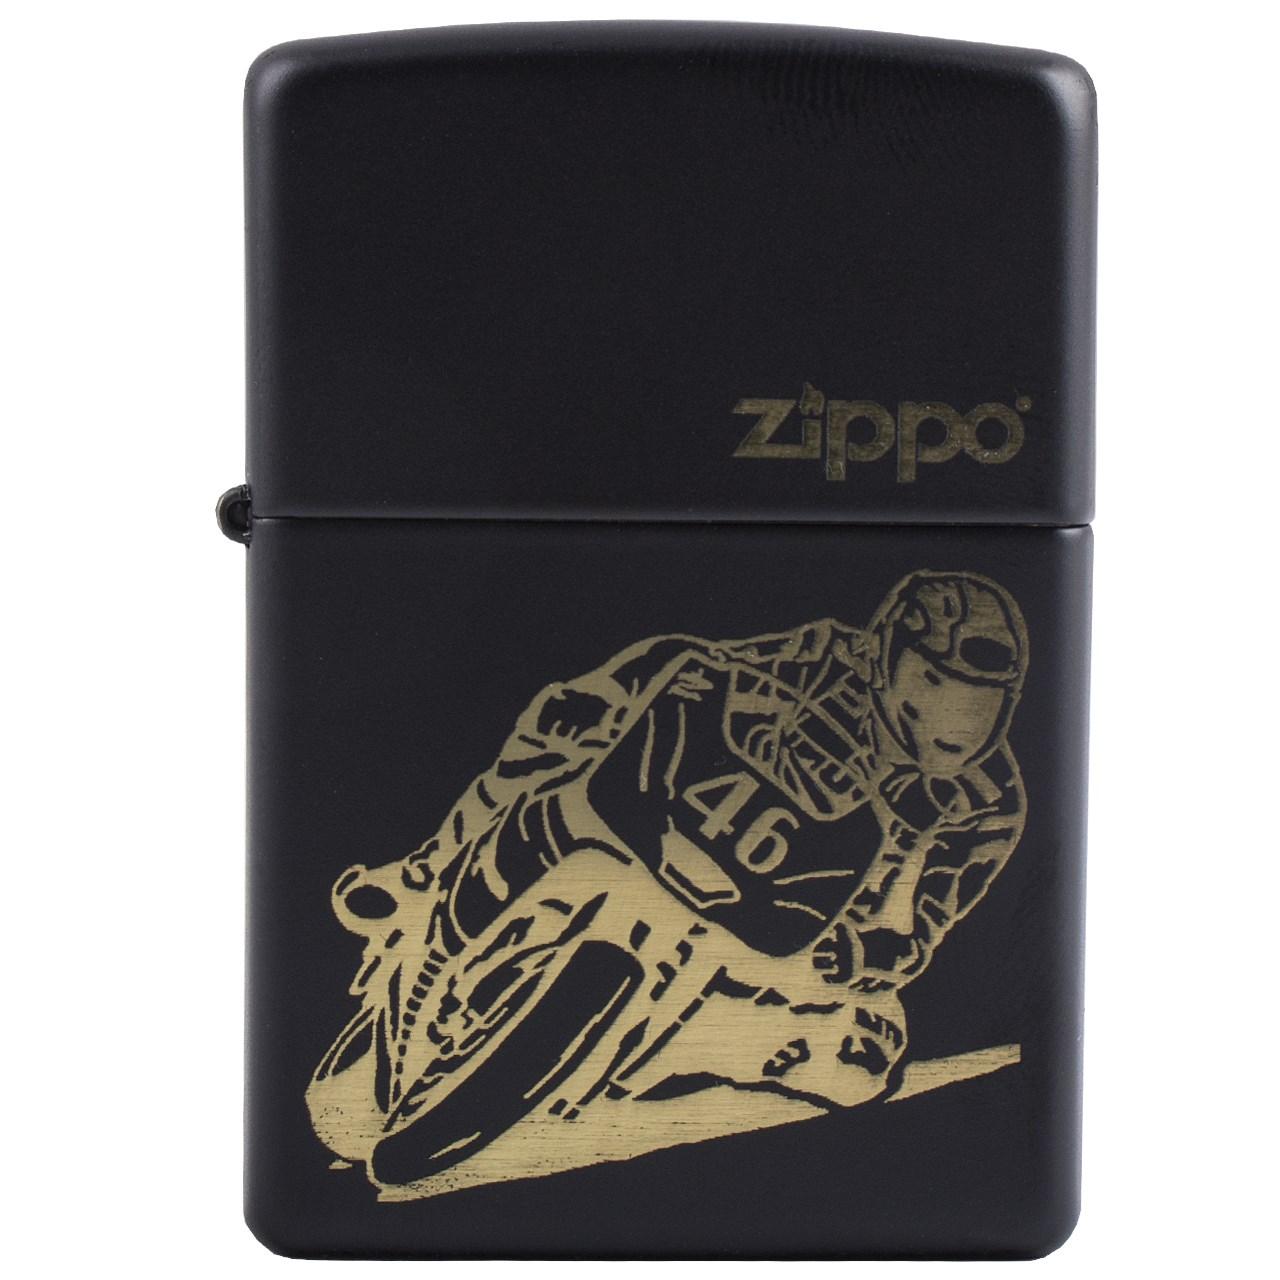 فندک زیپو مدل Motorcycle Racing کد 29471